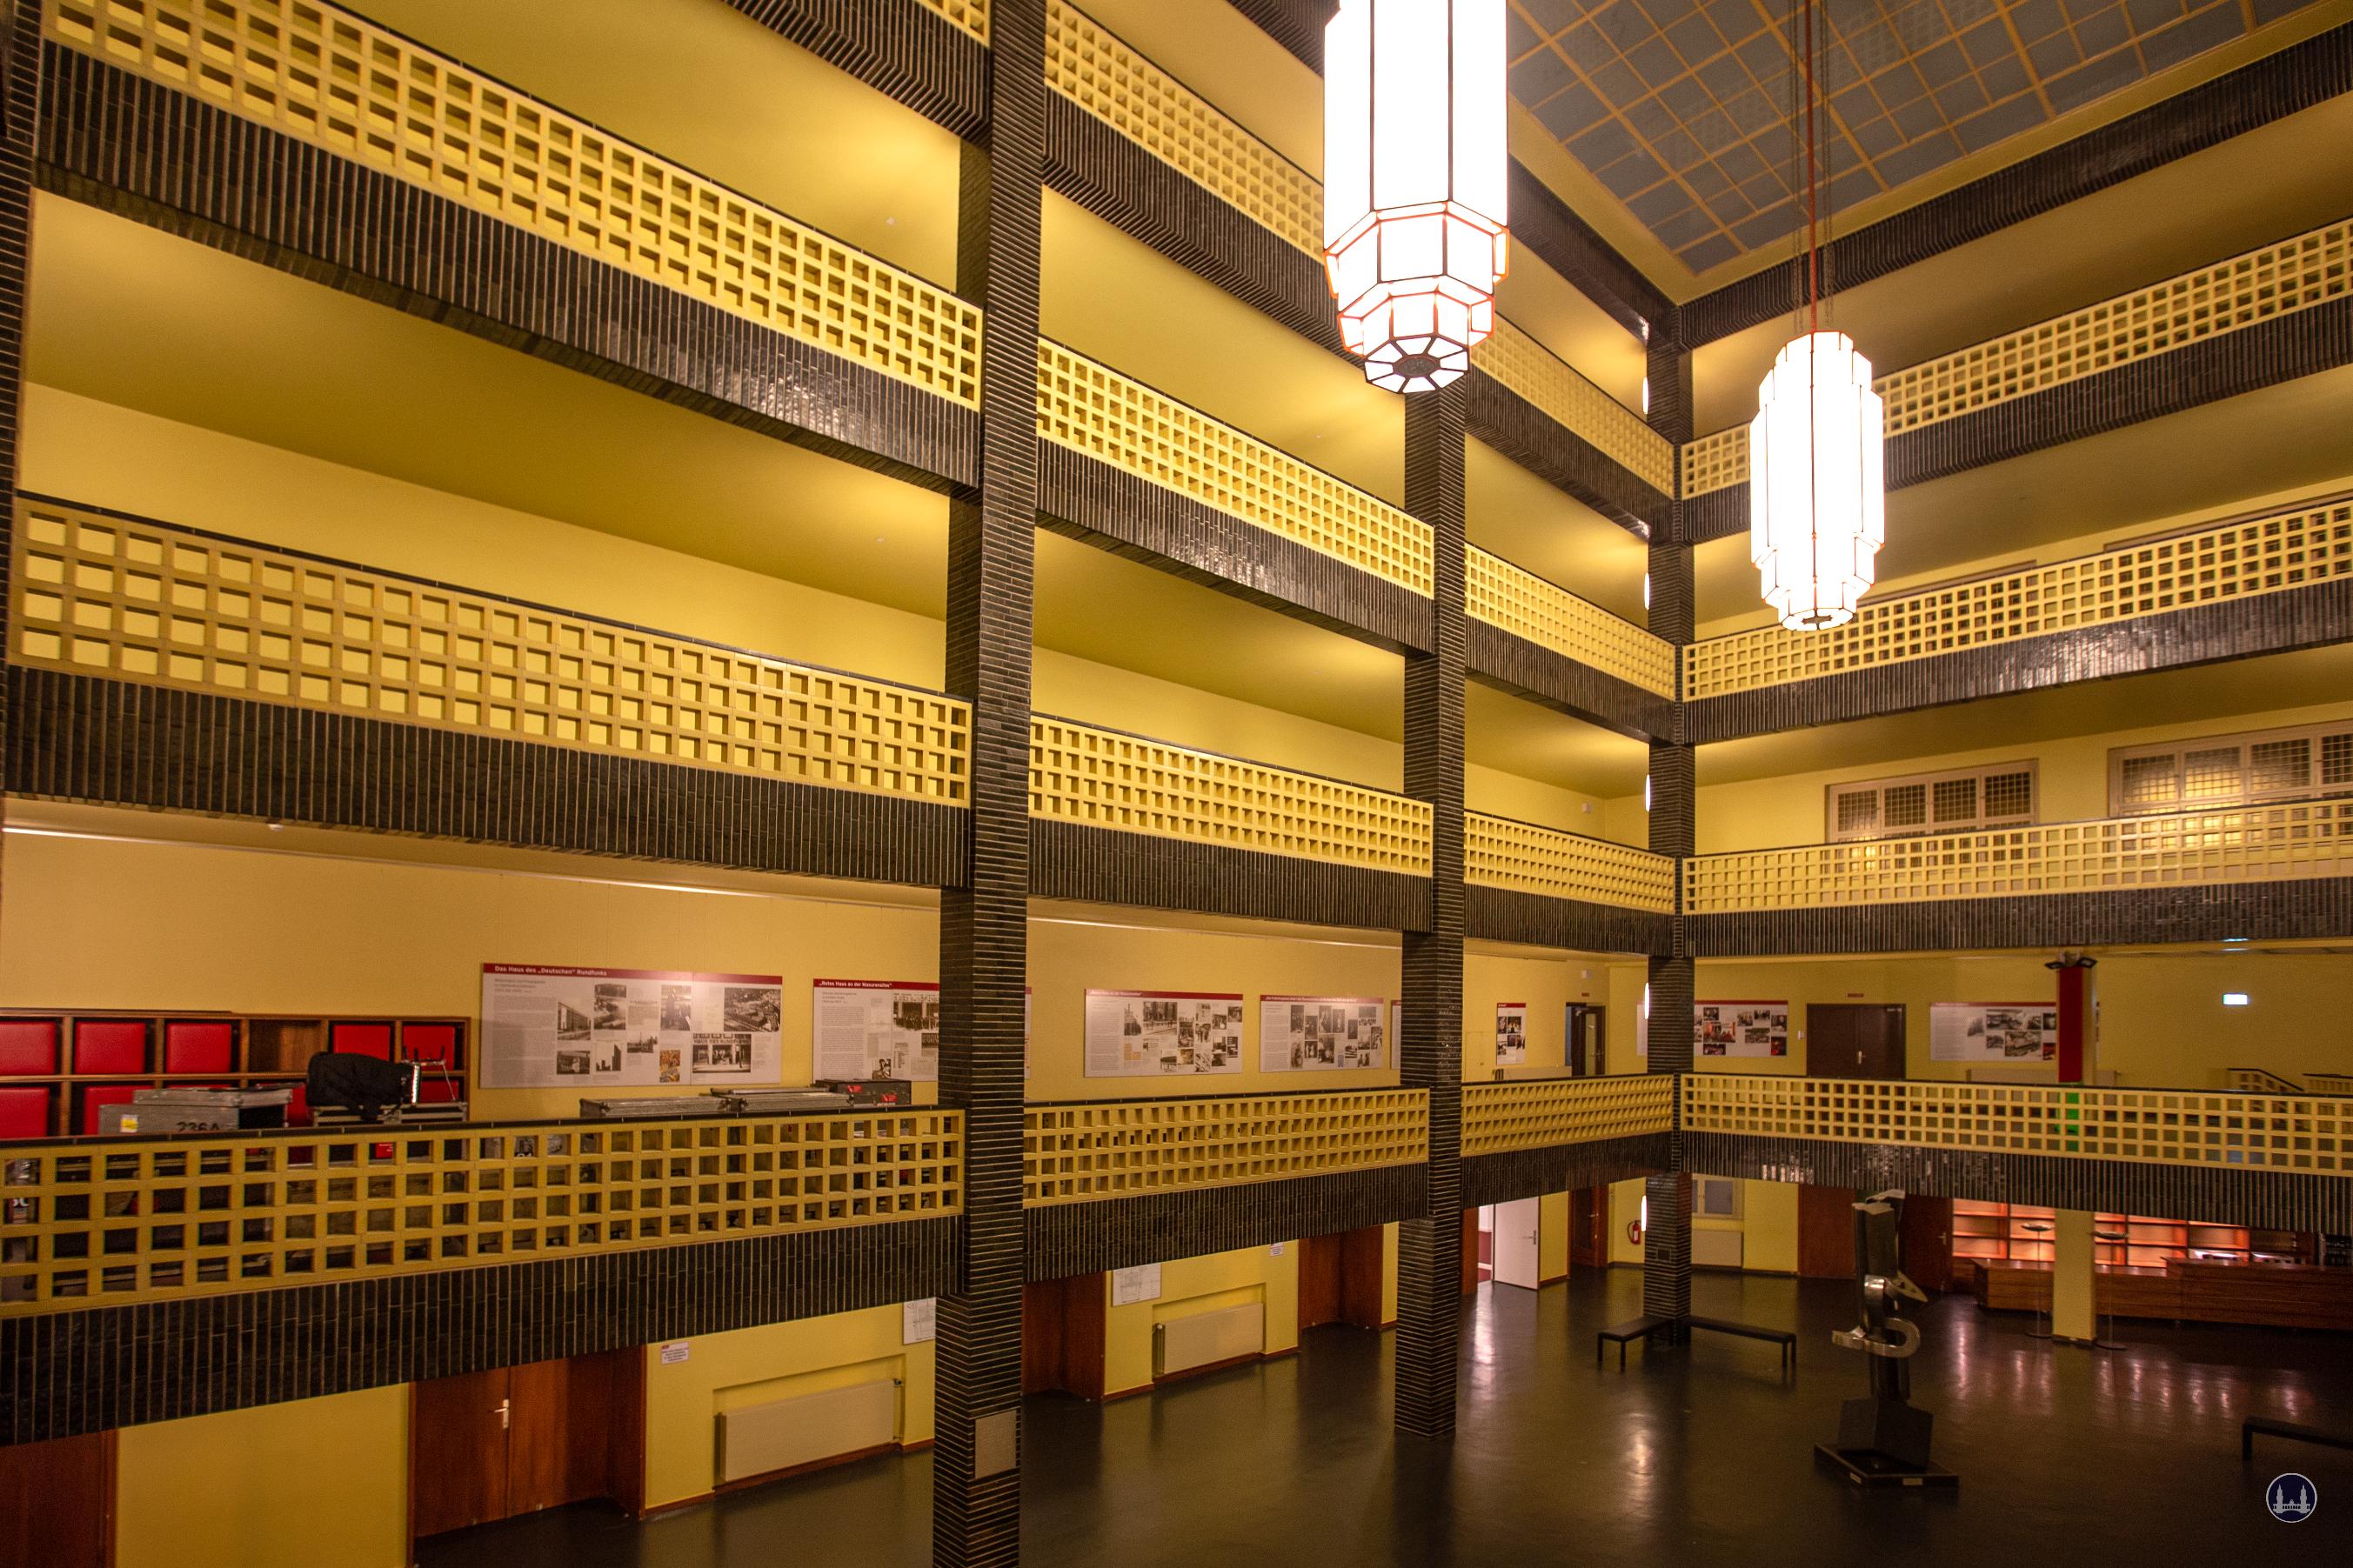 Die rbb Abendschau. Ein Besuch im Sendezentrum.  Der Lichthof des Funkhauses in der Masurenallee.